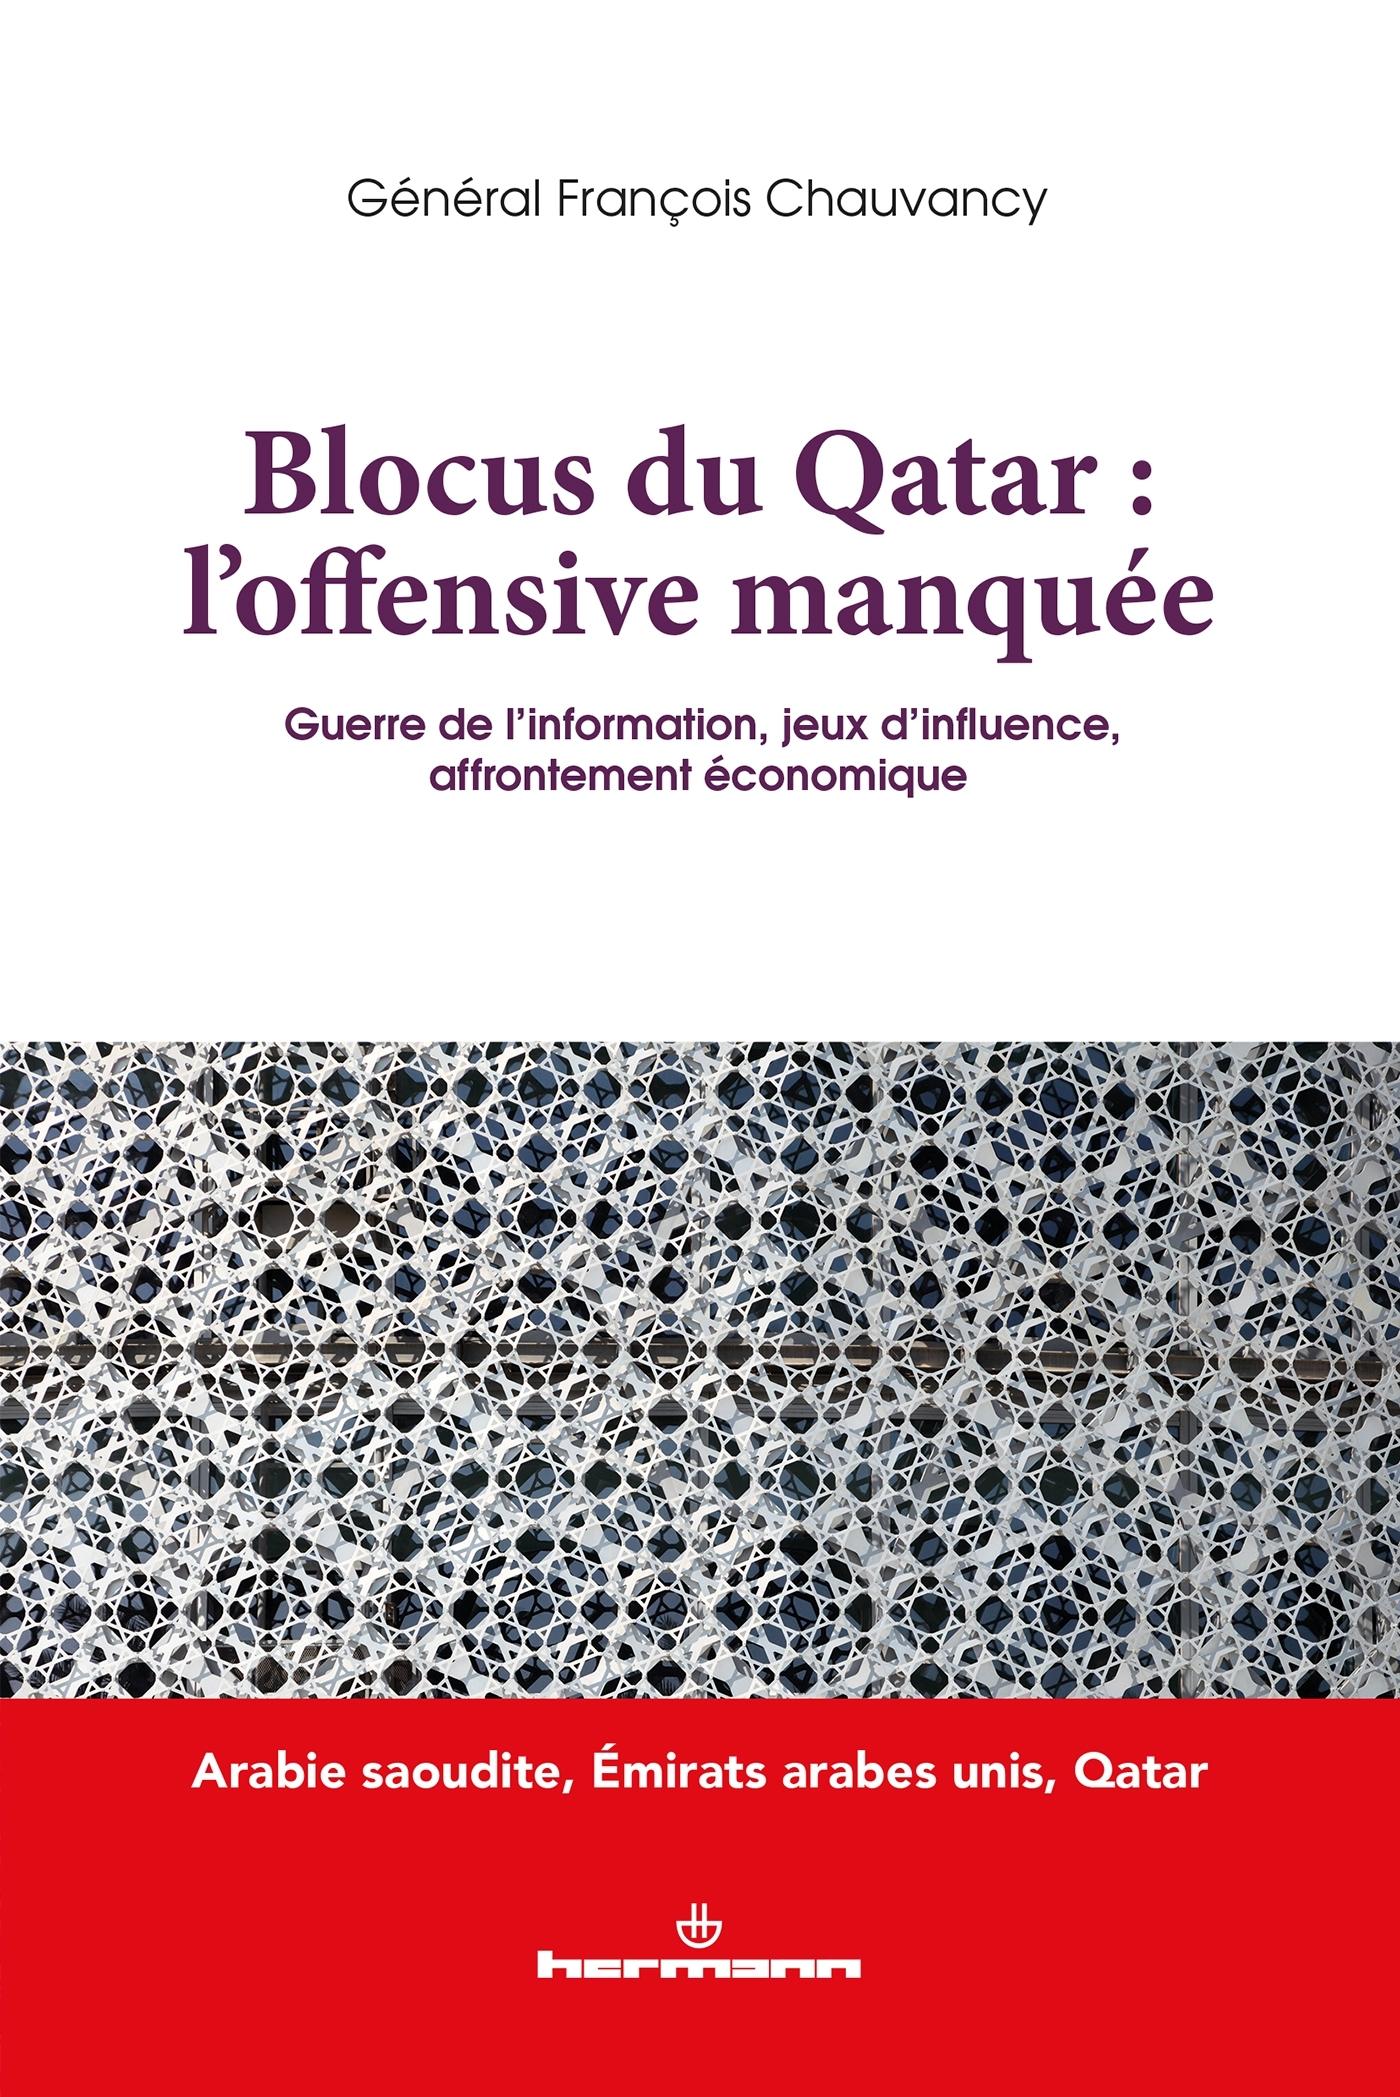 BLOCUS DU QATAR : L'OFFENSIVE MANQUEE - GUERRE DE L INFORMATION, JEUX D'INFLUENCE, AFFRONTEMENT ECON